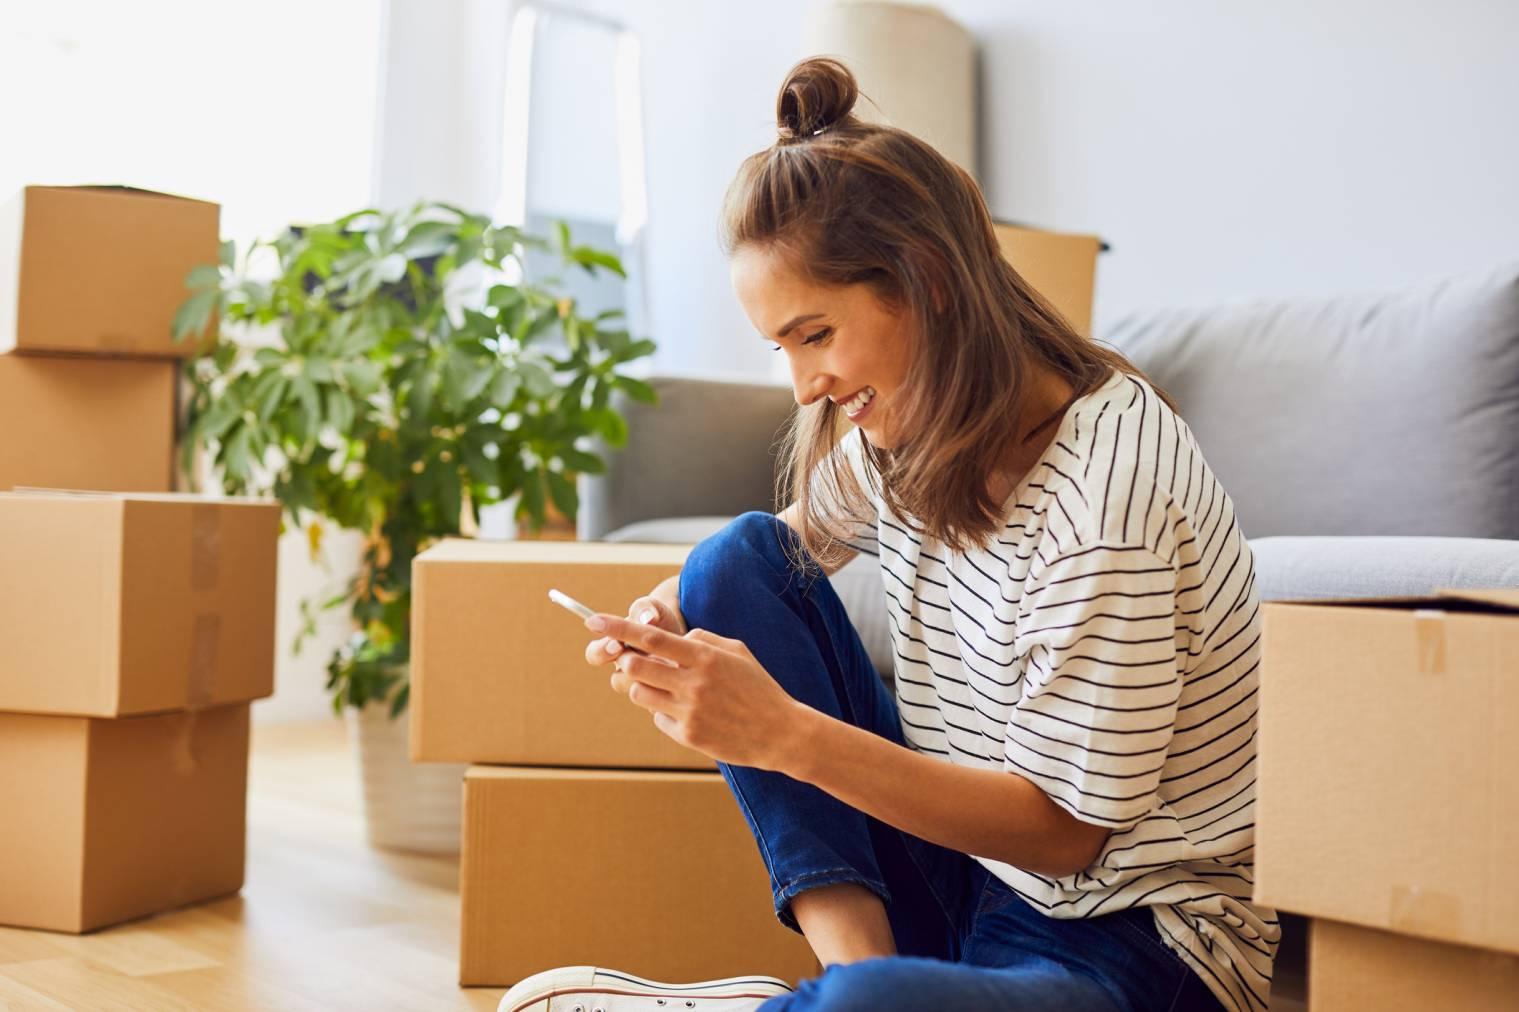 Bien préparer son déménagement : nos astuces pour déménager sans stress